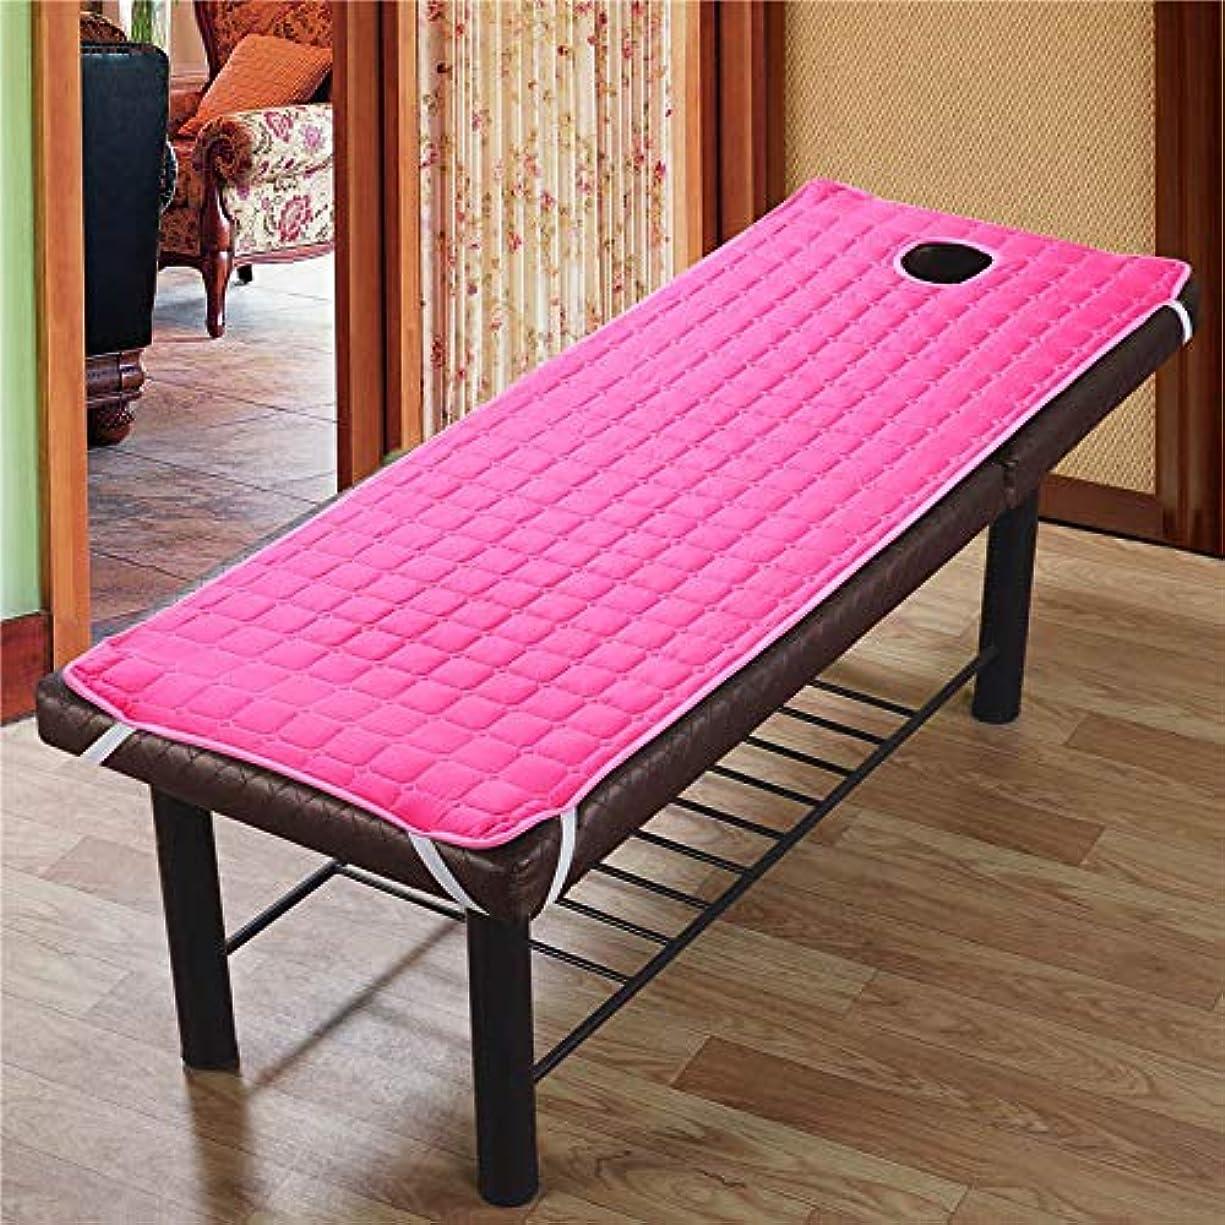 フリンジ発行する複雑なJanusSaja 美容院のマッサージ療法のベッドのための滑り止めのSoliod色の長方形のマットレス